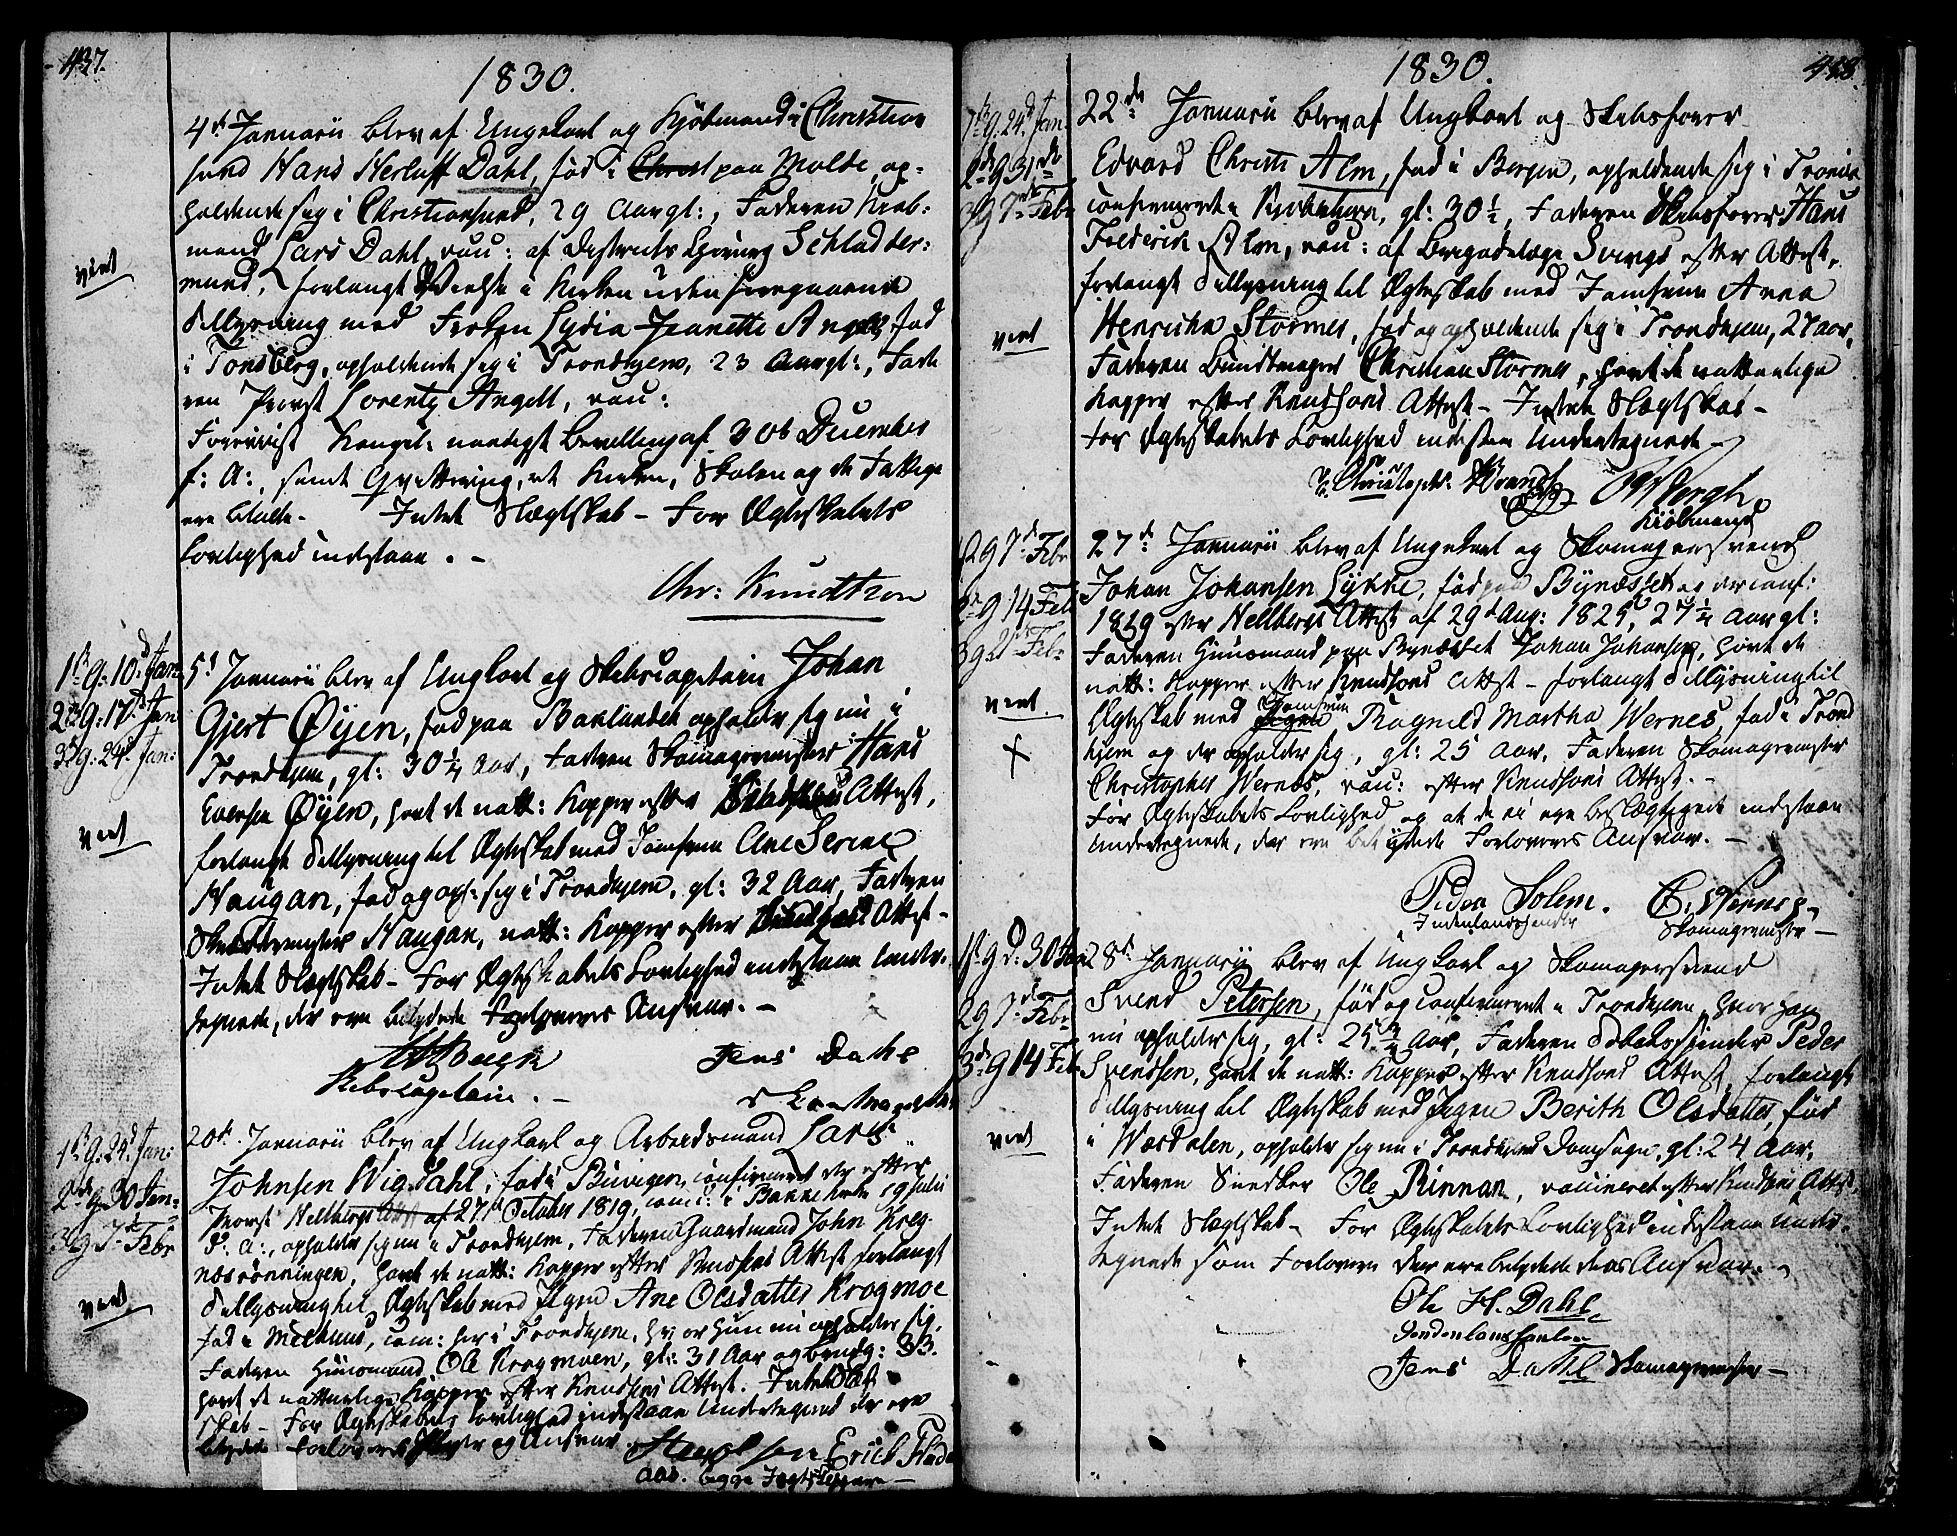 SAT, Ministerialprotokoller, klokkerbøker og fødselsregistre - Sør-Trøndelag, 601/L0042: Ministerialbok nr. 601A10, 1802-1830, s. 437-438